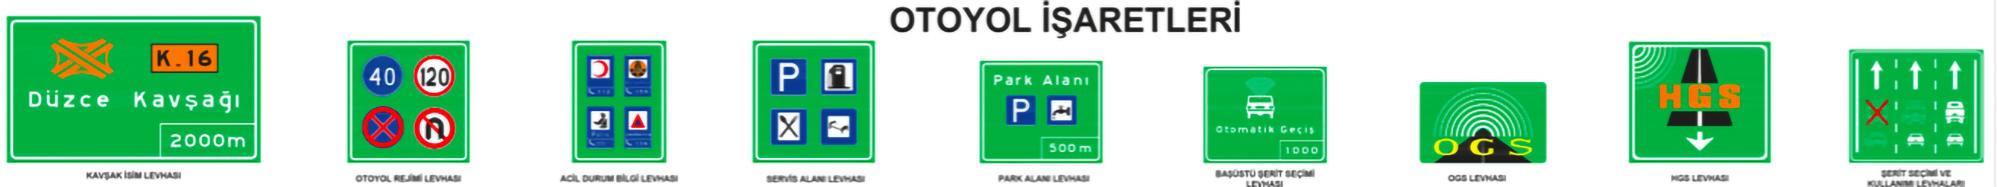 Güvenli Sürüş için Trafik Levha ve Anlamları 1997x1005 05 Levha